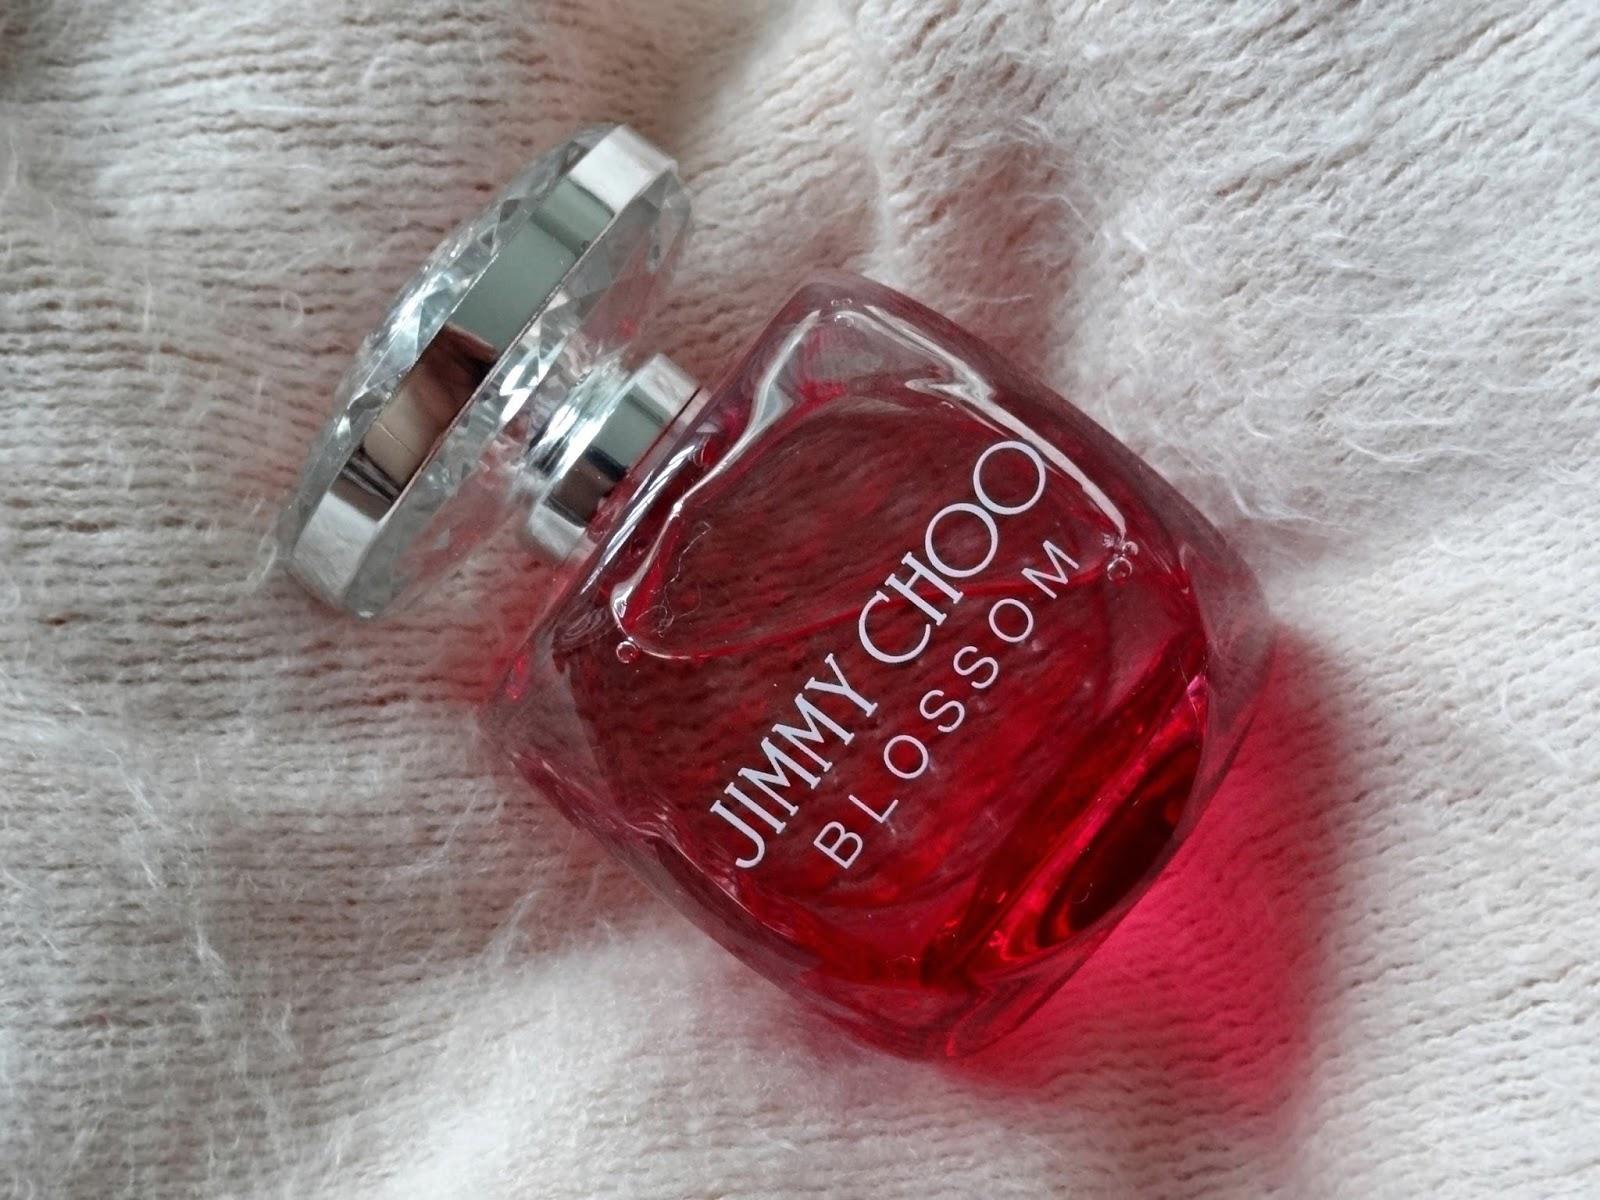 Jimmy Choo Blossom Spring 2015 Eau de Parfum Review, Photos